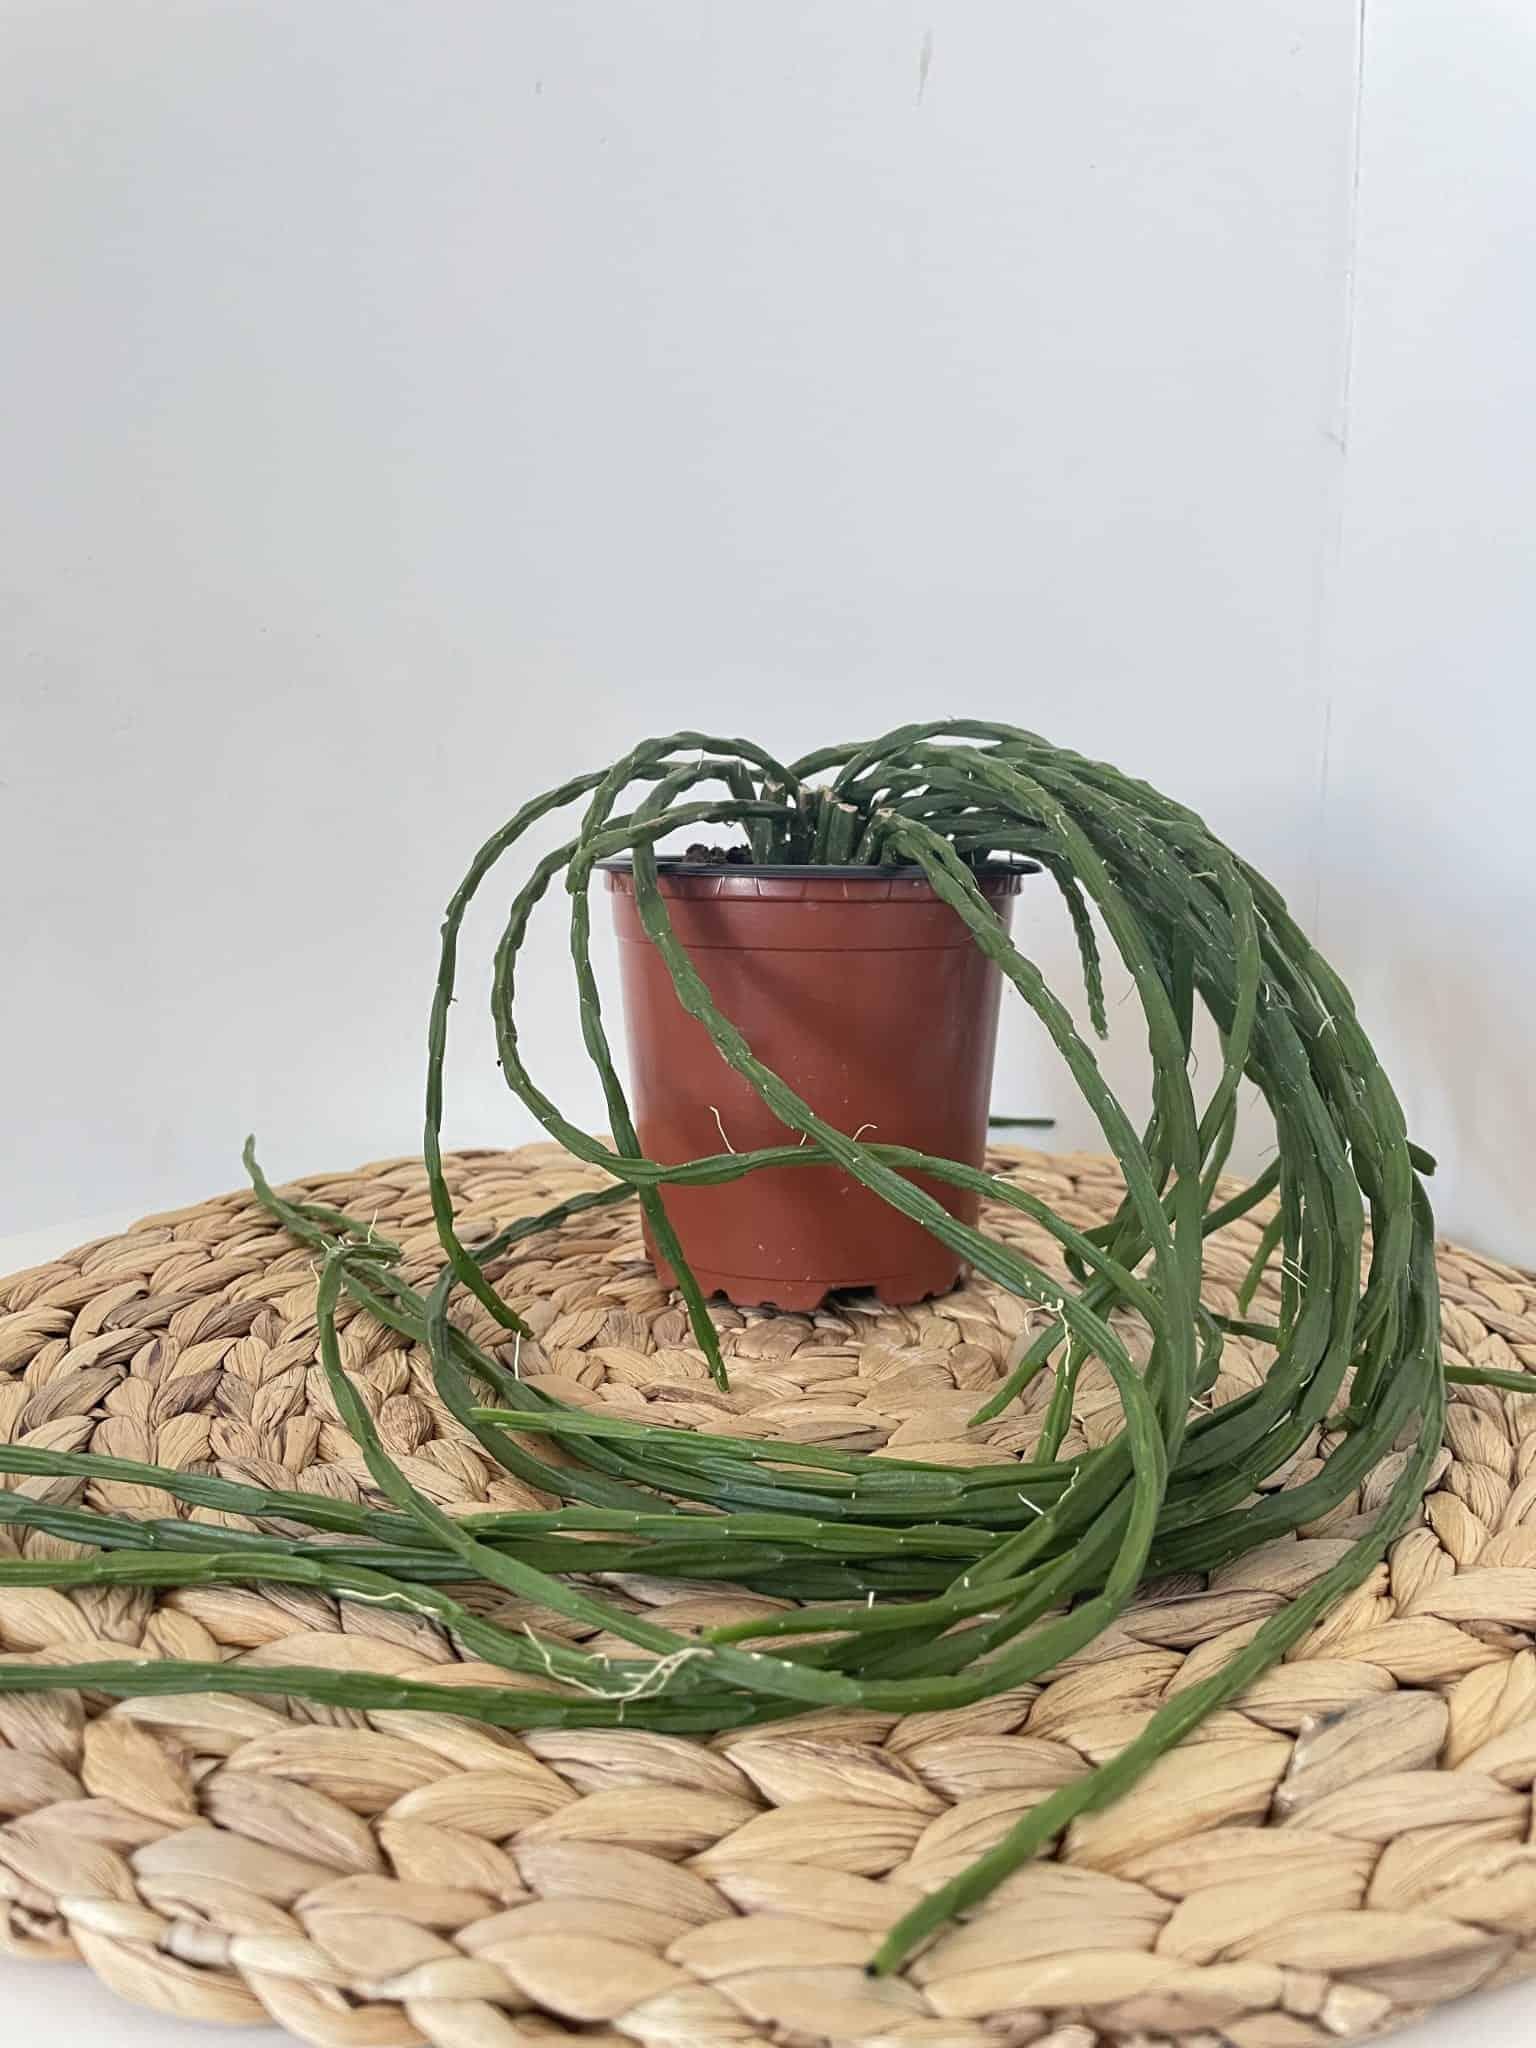 Rhipsalis Paradoxa in 9cm pot